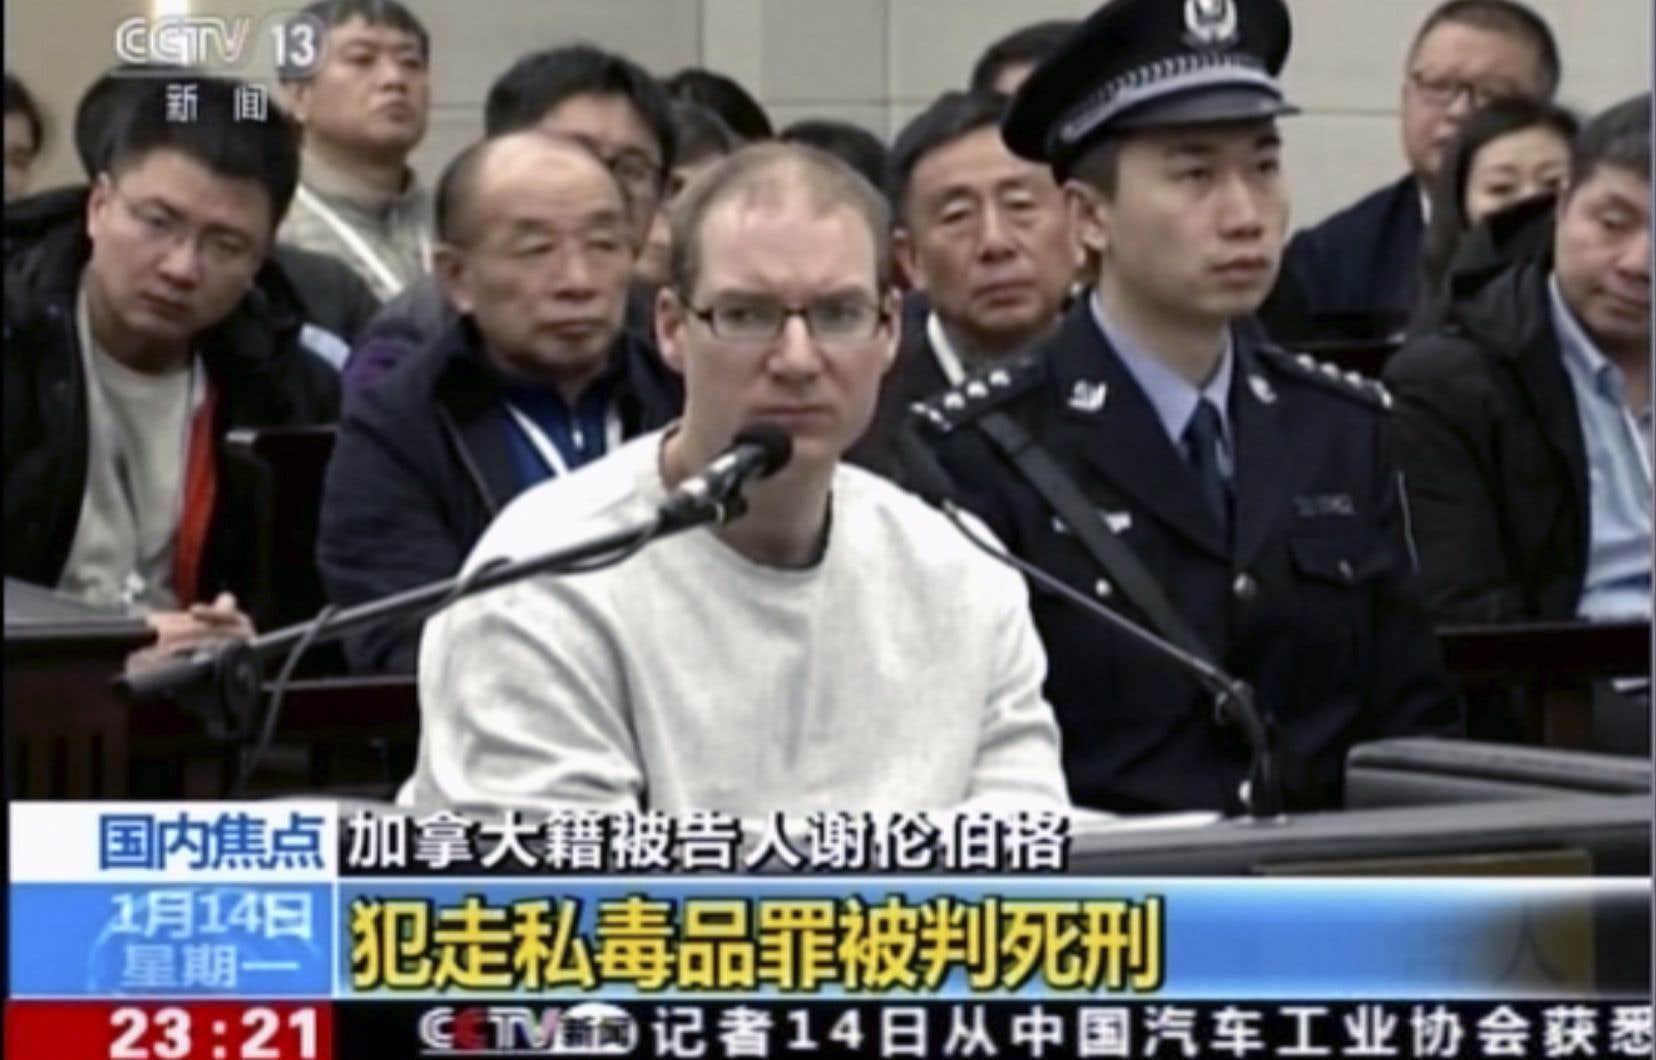 Le CanadienRobert Lloyd Schellenberg a été condamné à mort en Chine.